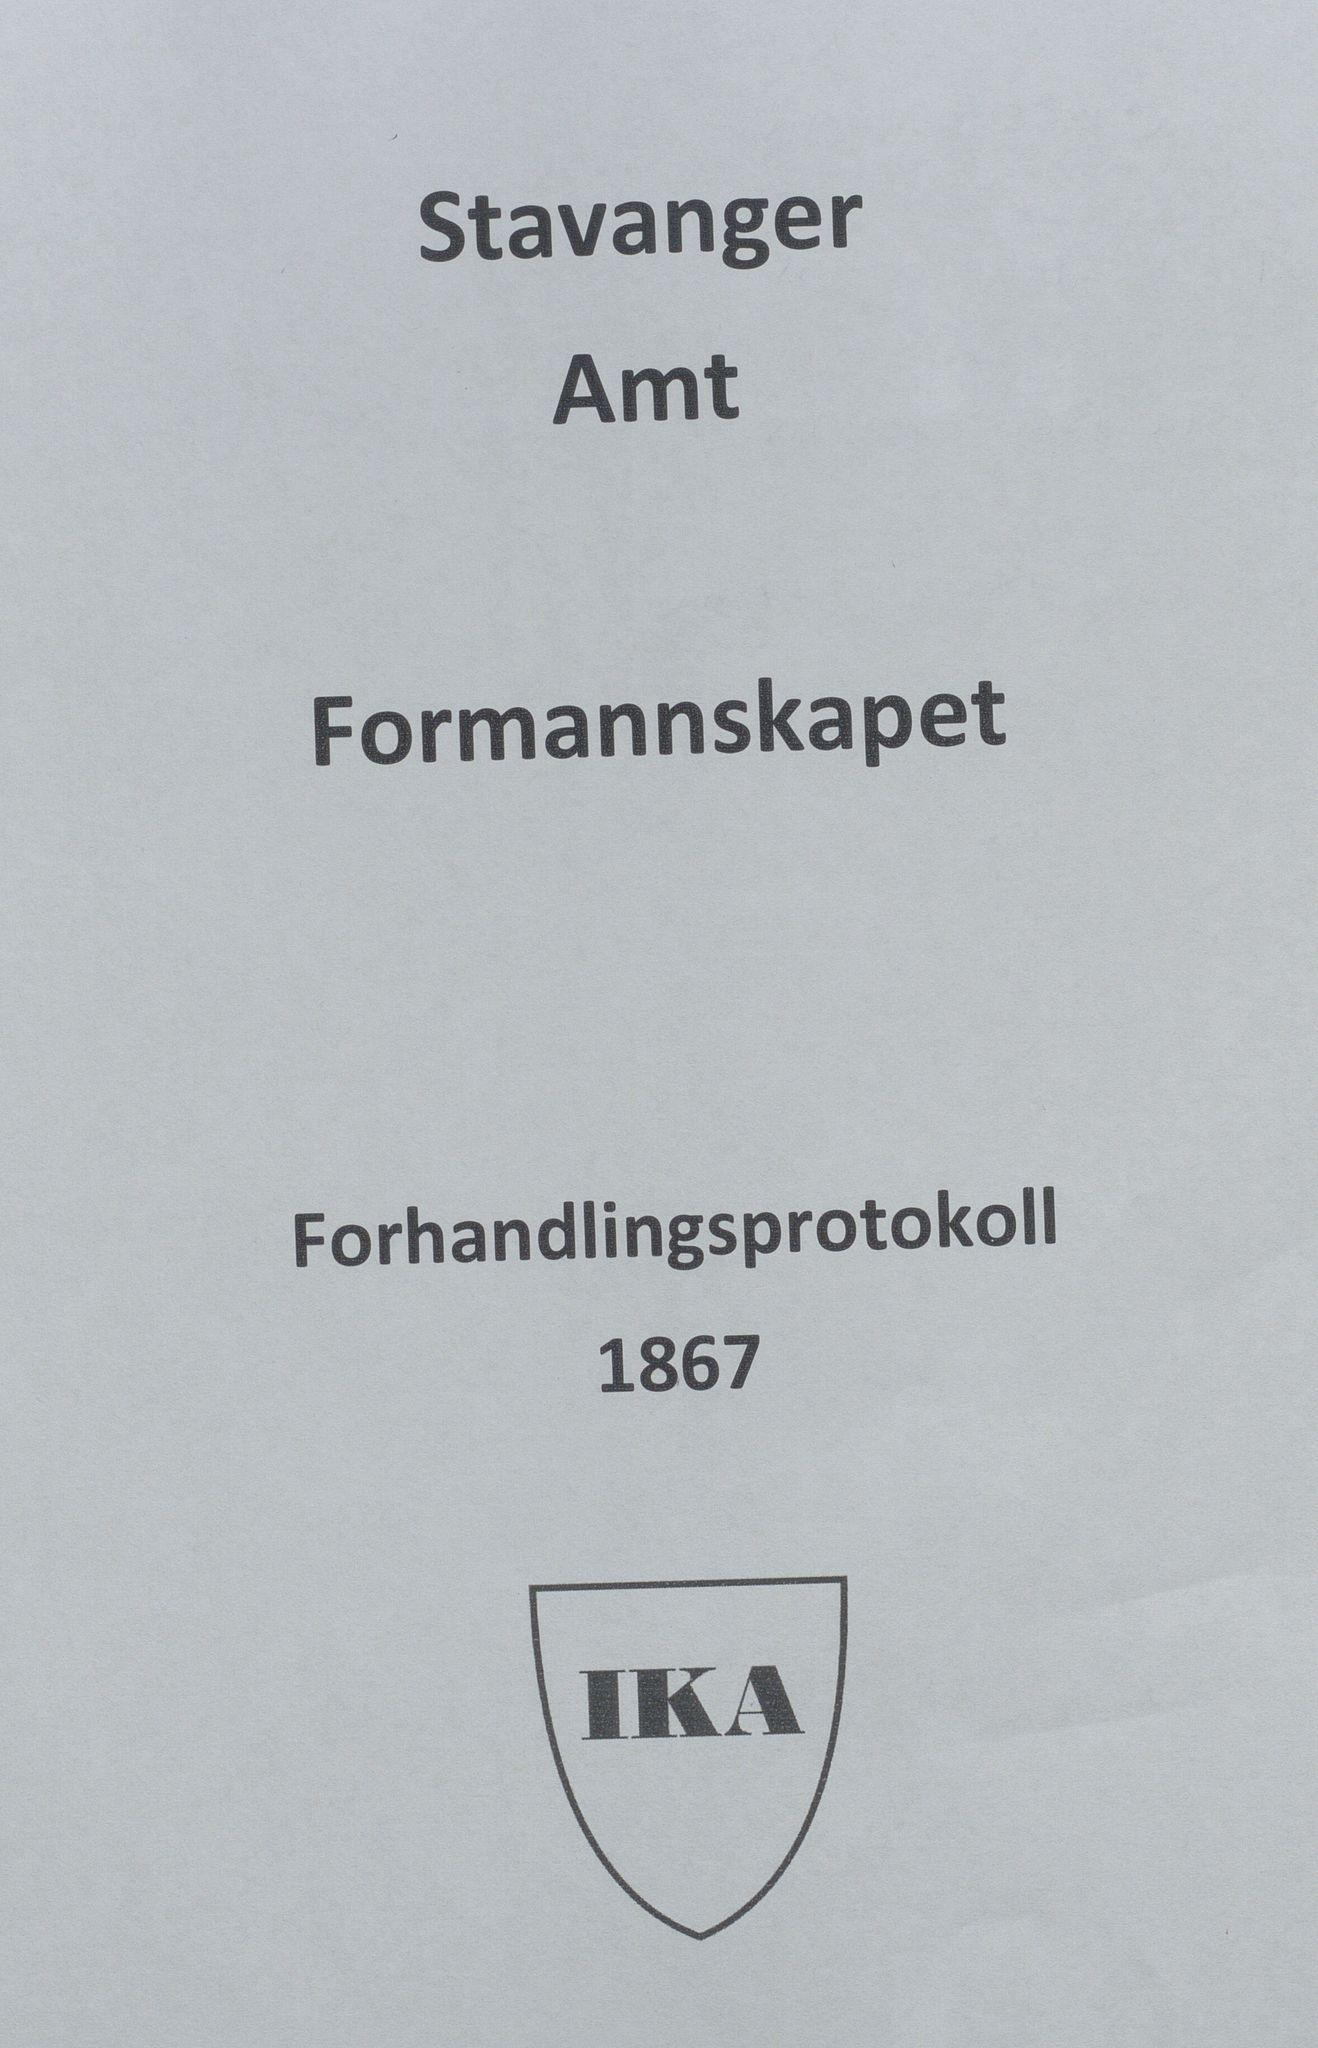 IKAR, Rogaland fylkeskommune - Fylkesrådmannen , A, 1867